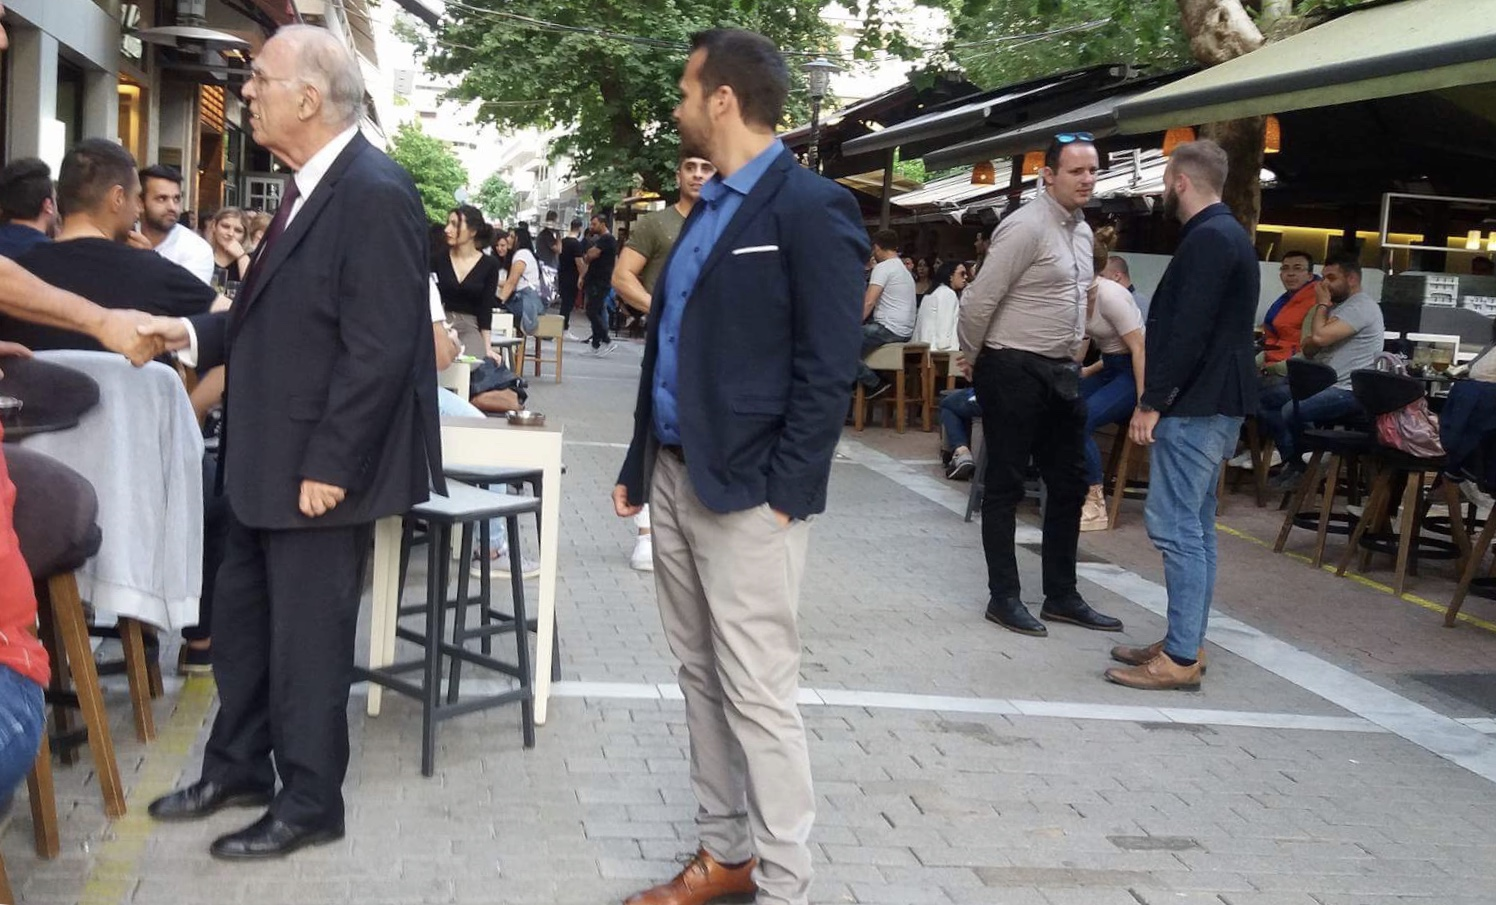 Στη Λάρισα βρέθηκε ο πρόεδρος της Ένωσης Κεντρώων Β.Λεβέντης την Κυριακή εν' όψει της ετήσιας συνέλευσης του ΣΘΕΒ